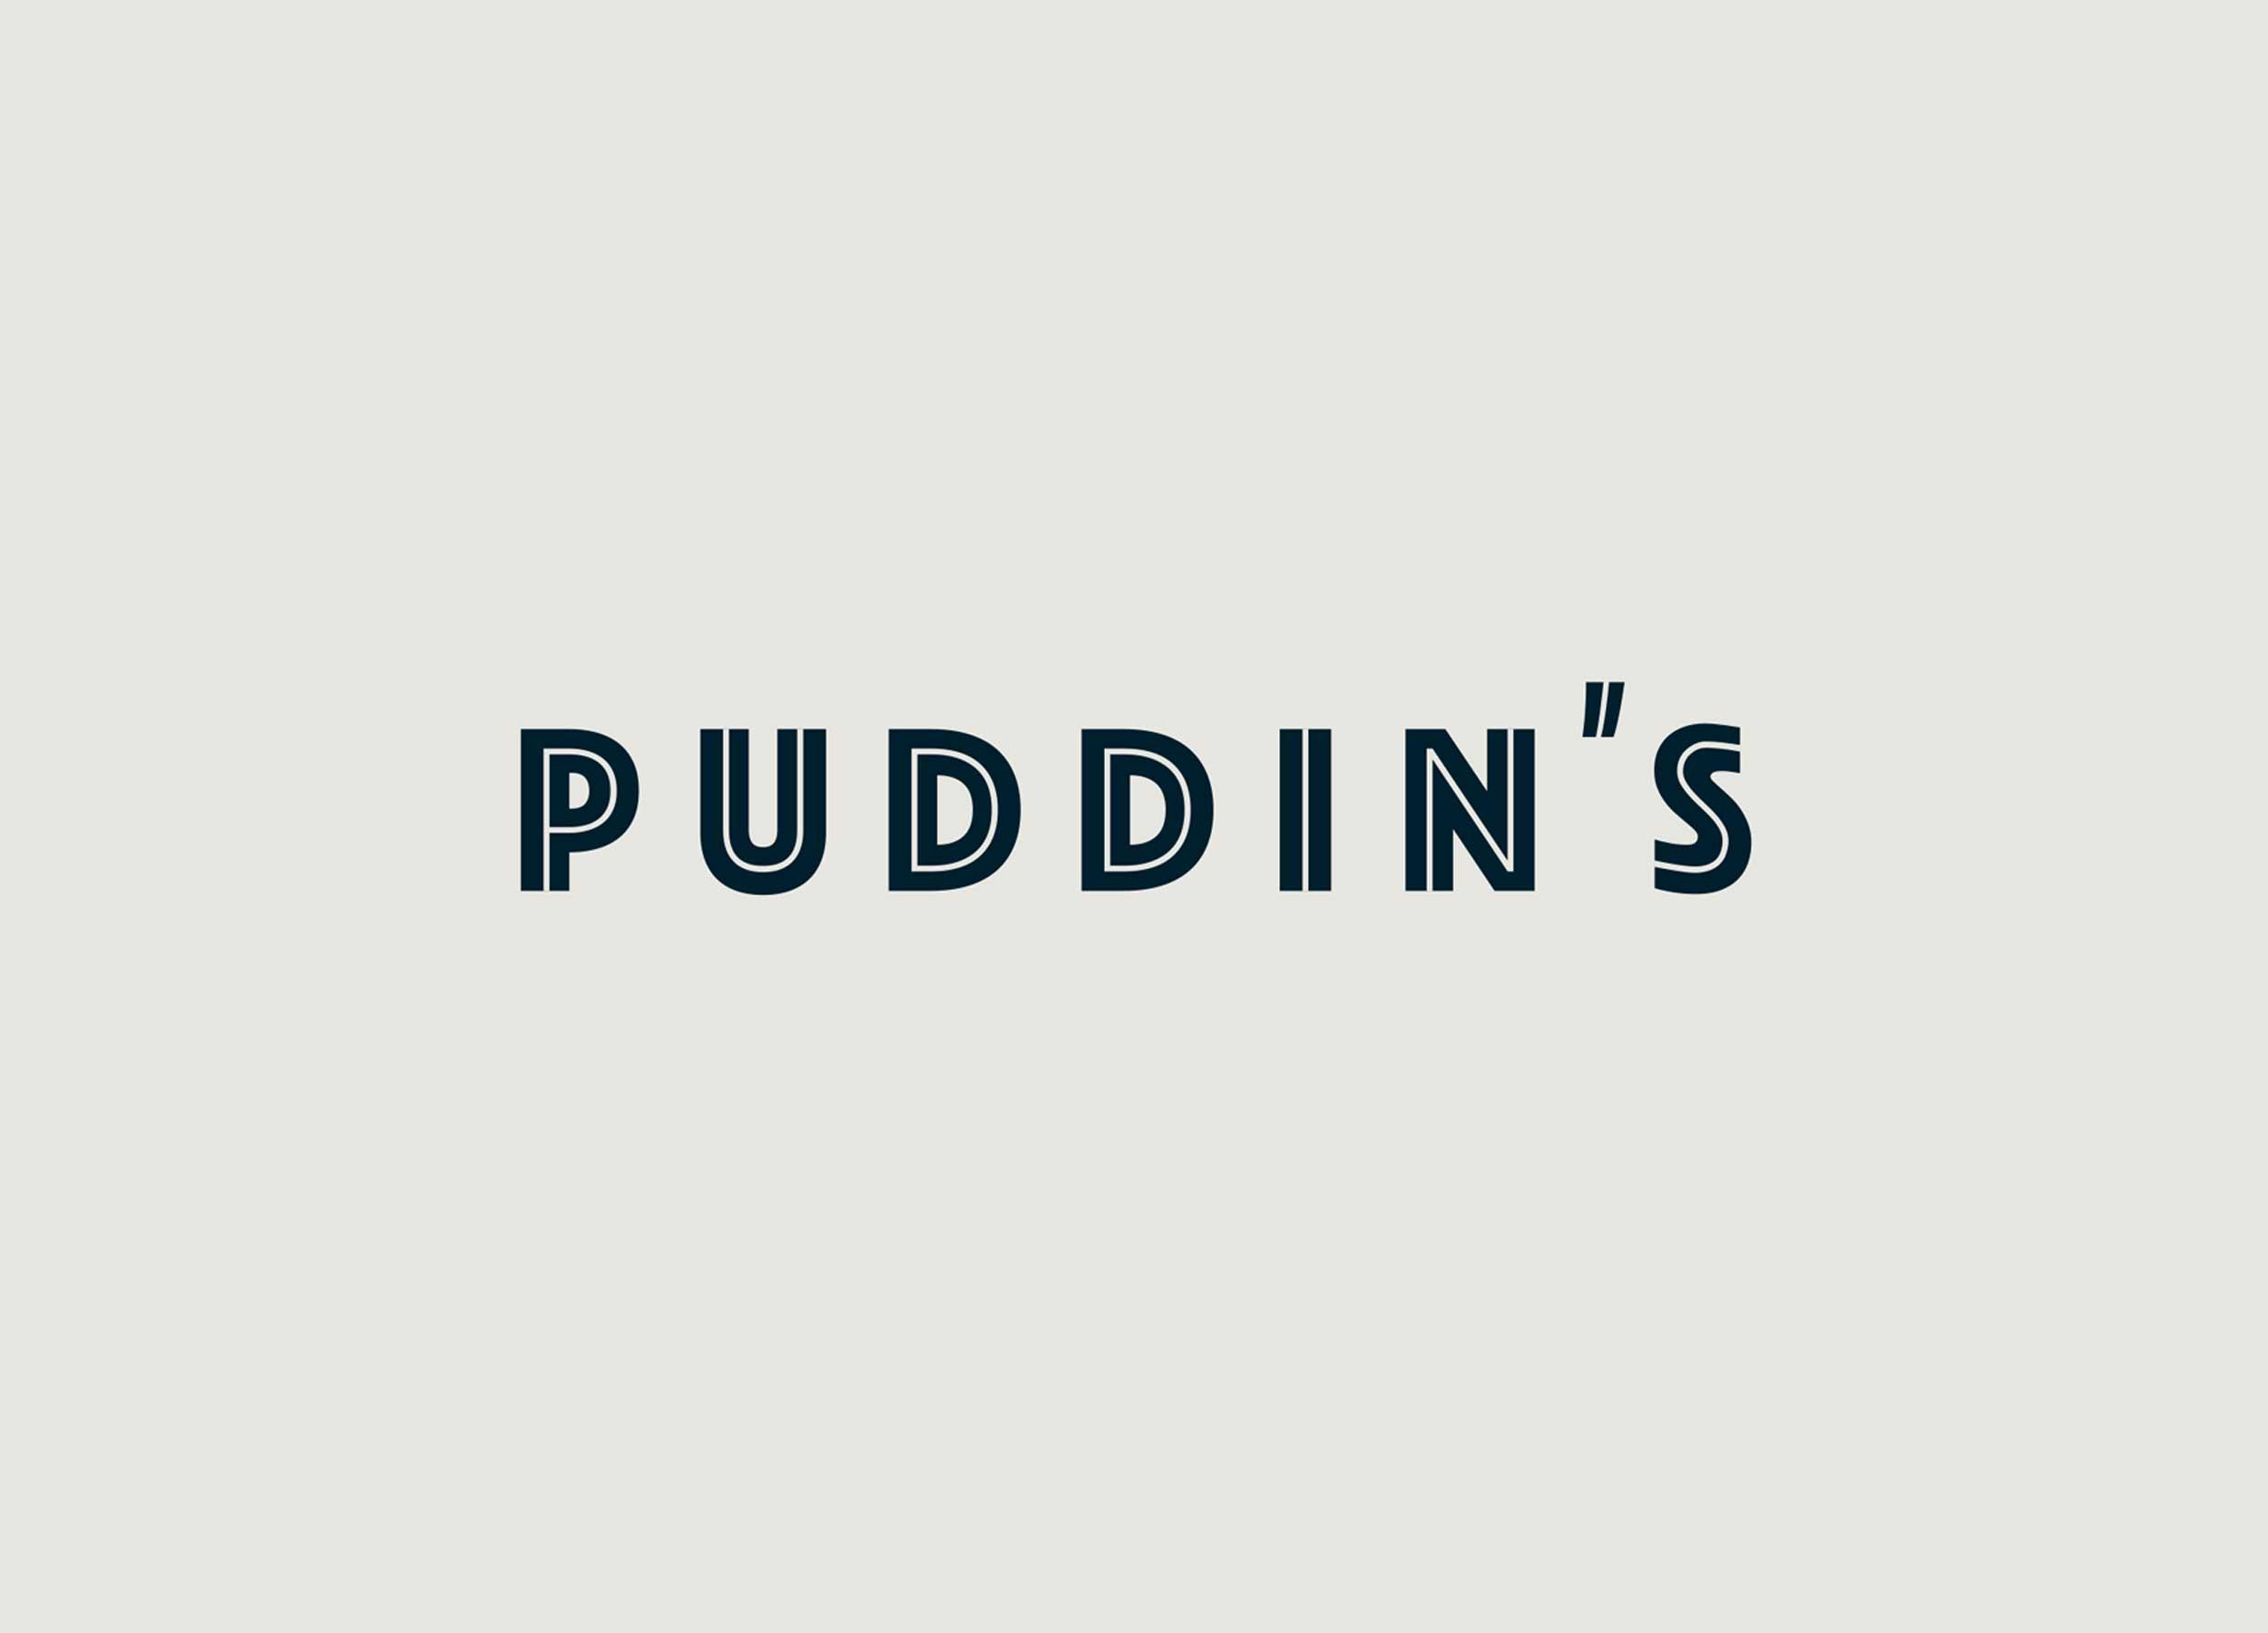 puddins1